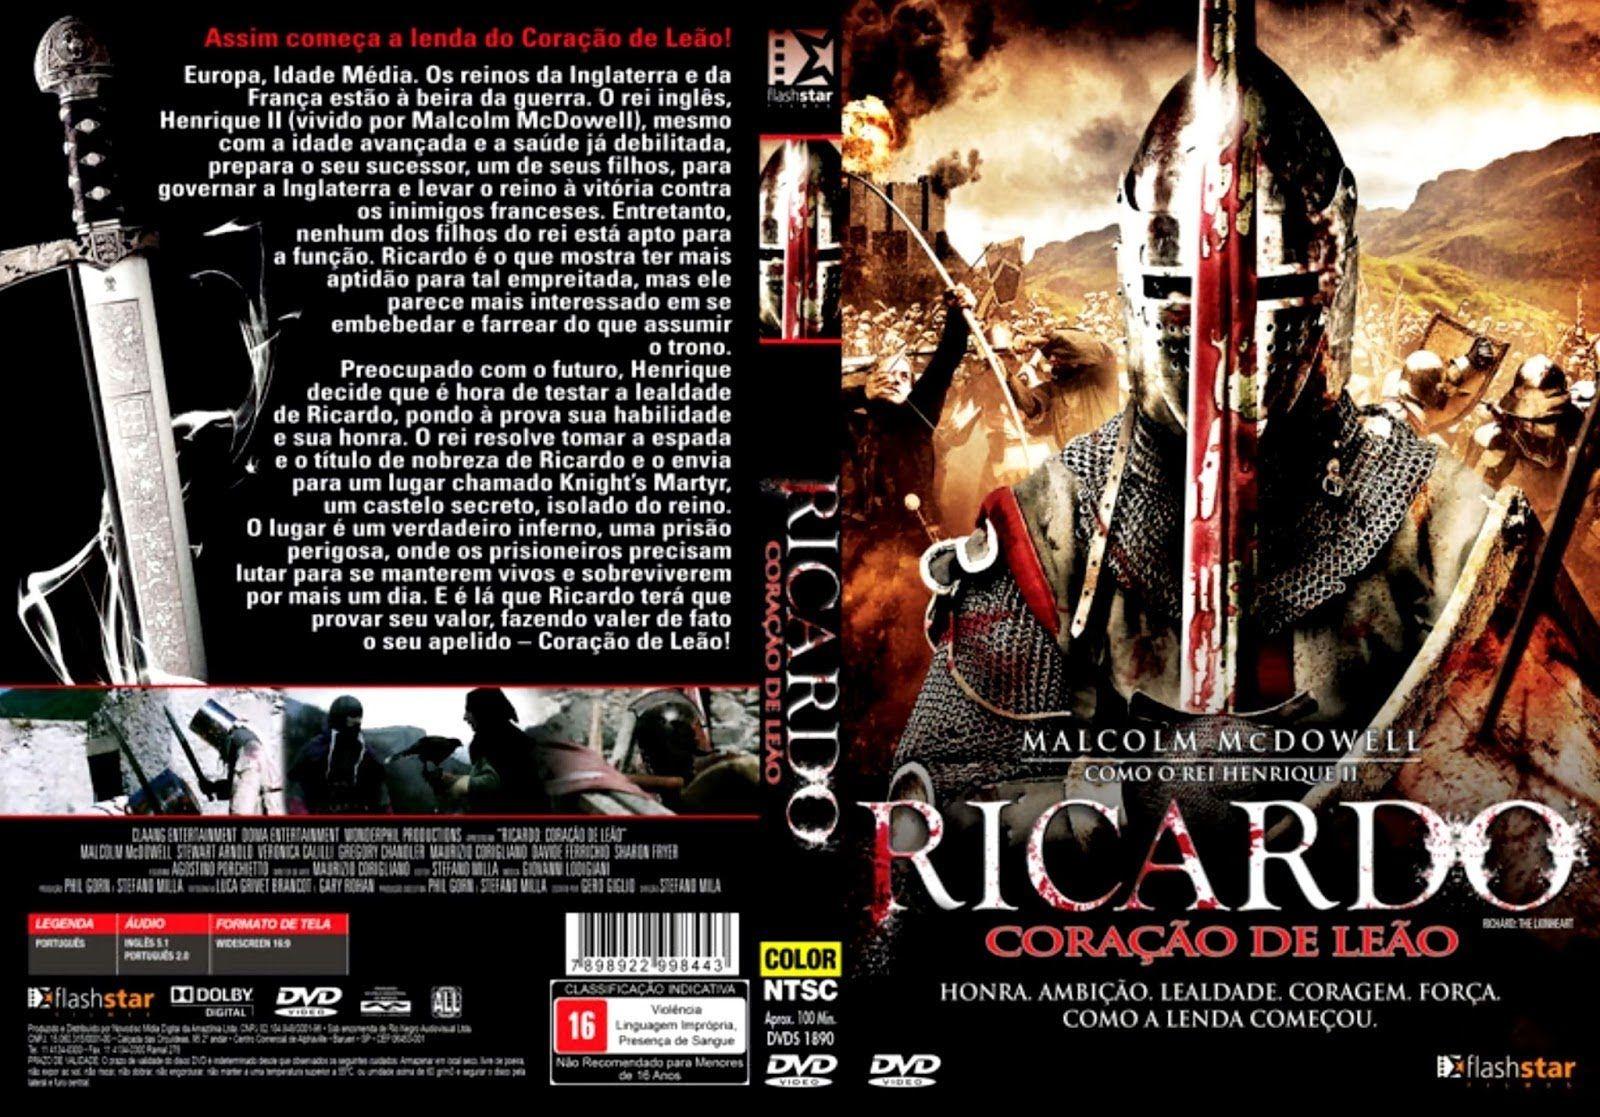 Ricardo Coracao De Leao Filme Completo Dublado Filmes Portugueses Filmes Filmes Completos